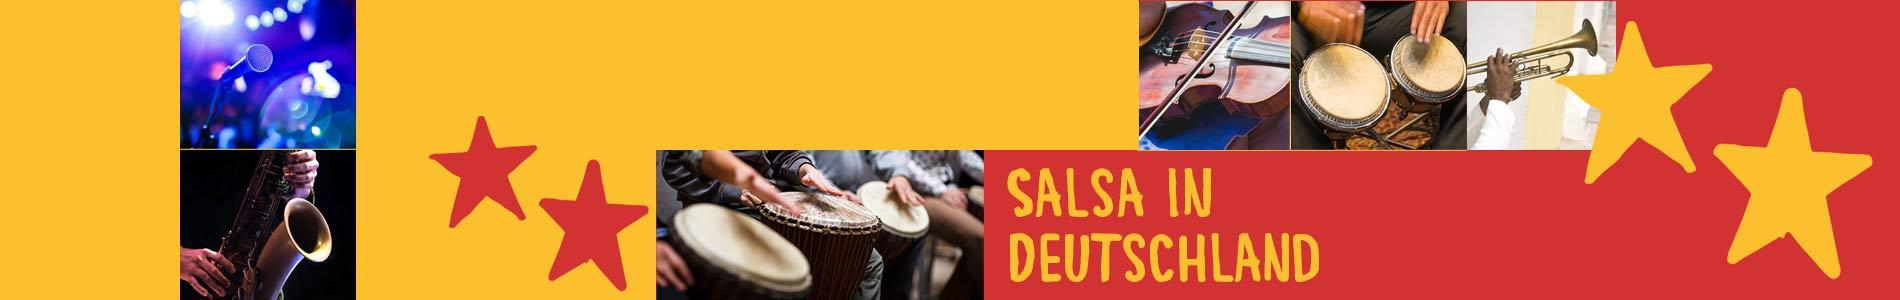 Salsa in Buchenbach – Salsa lernen und tanzen, Tanzkurse, Partys, Veranstaltungen